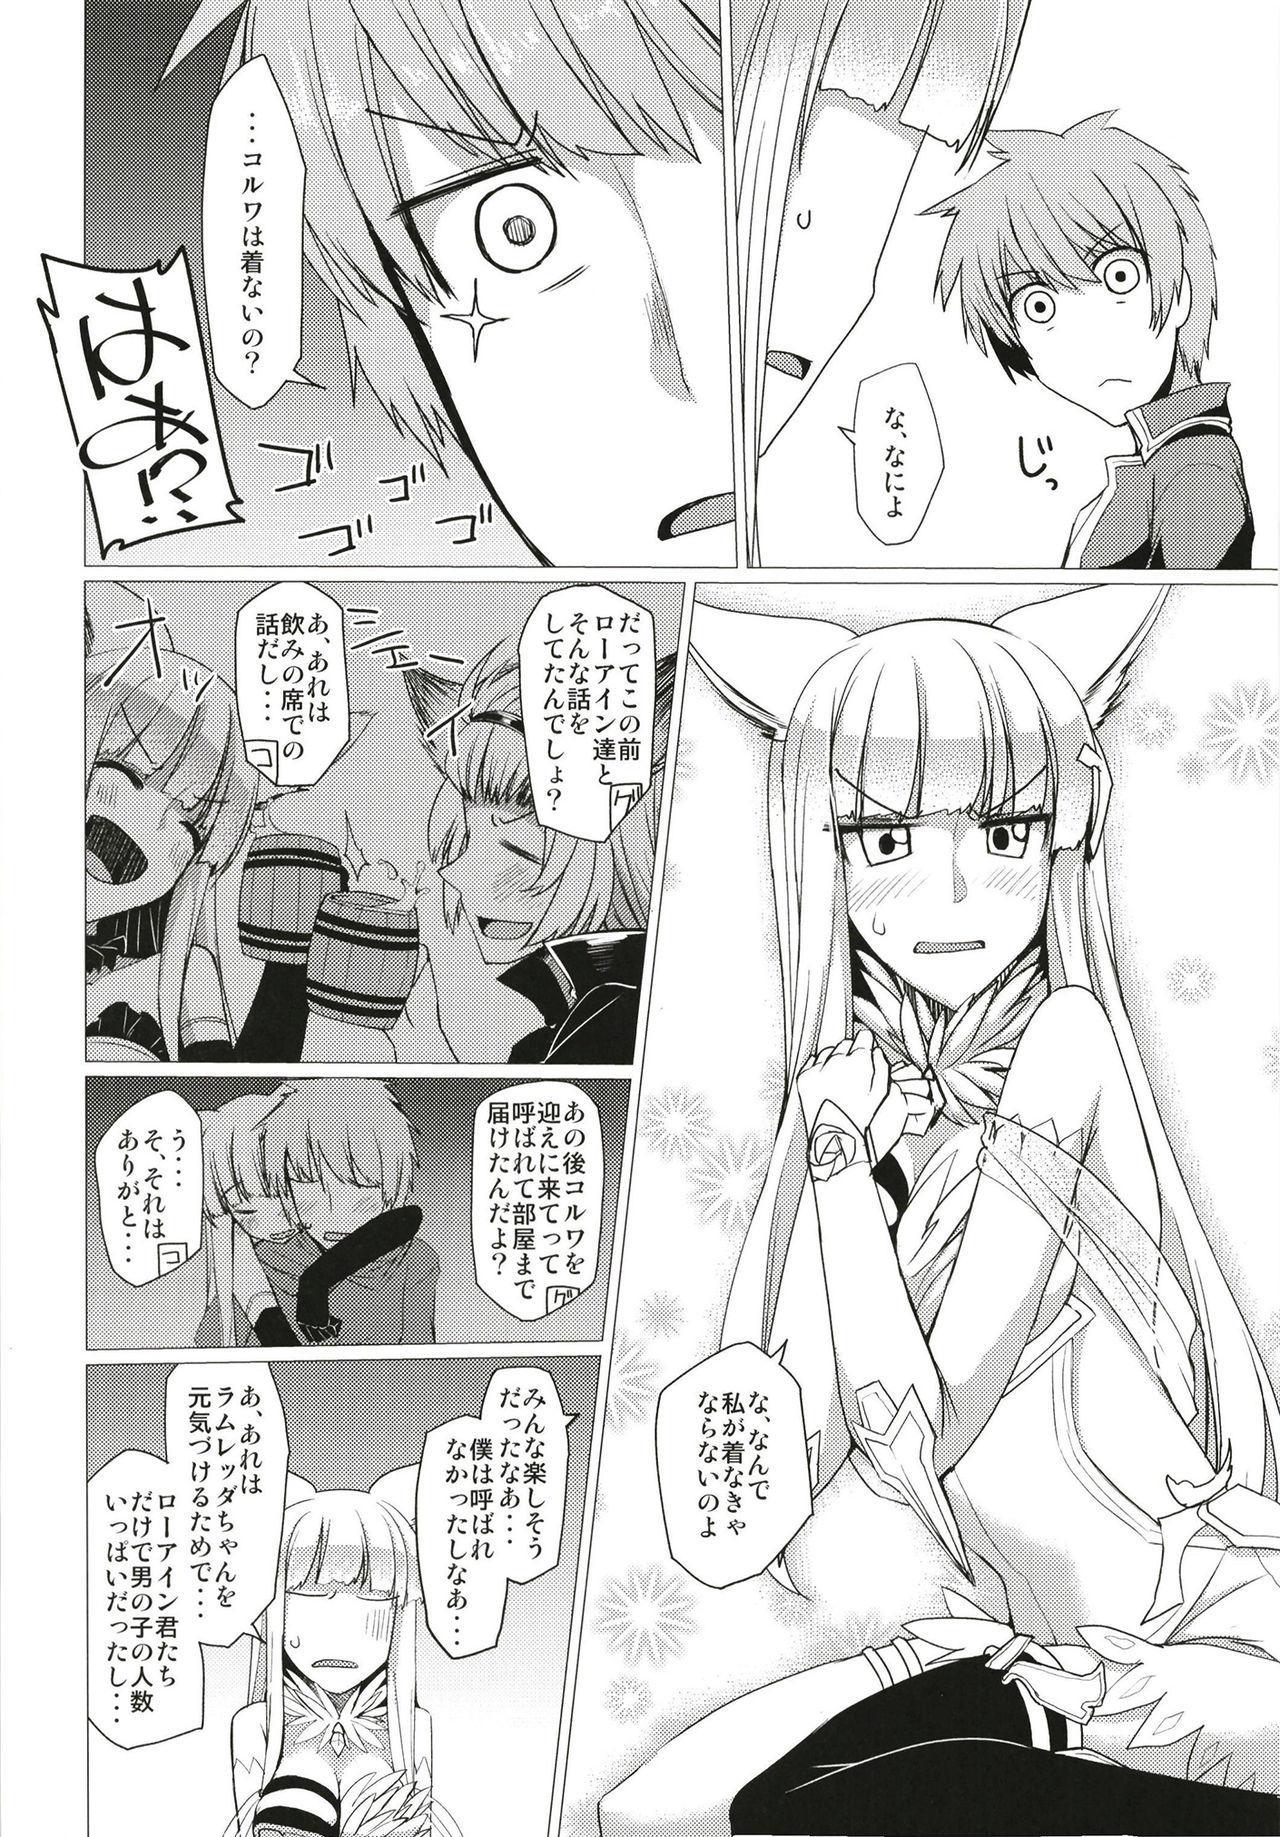 Seifuku DE Happy End 3